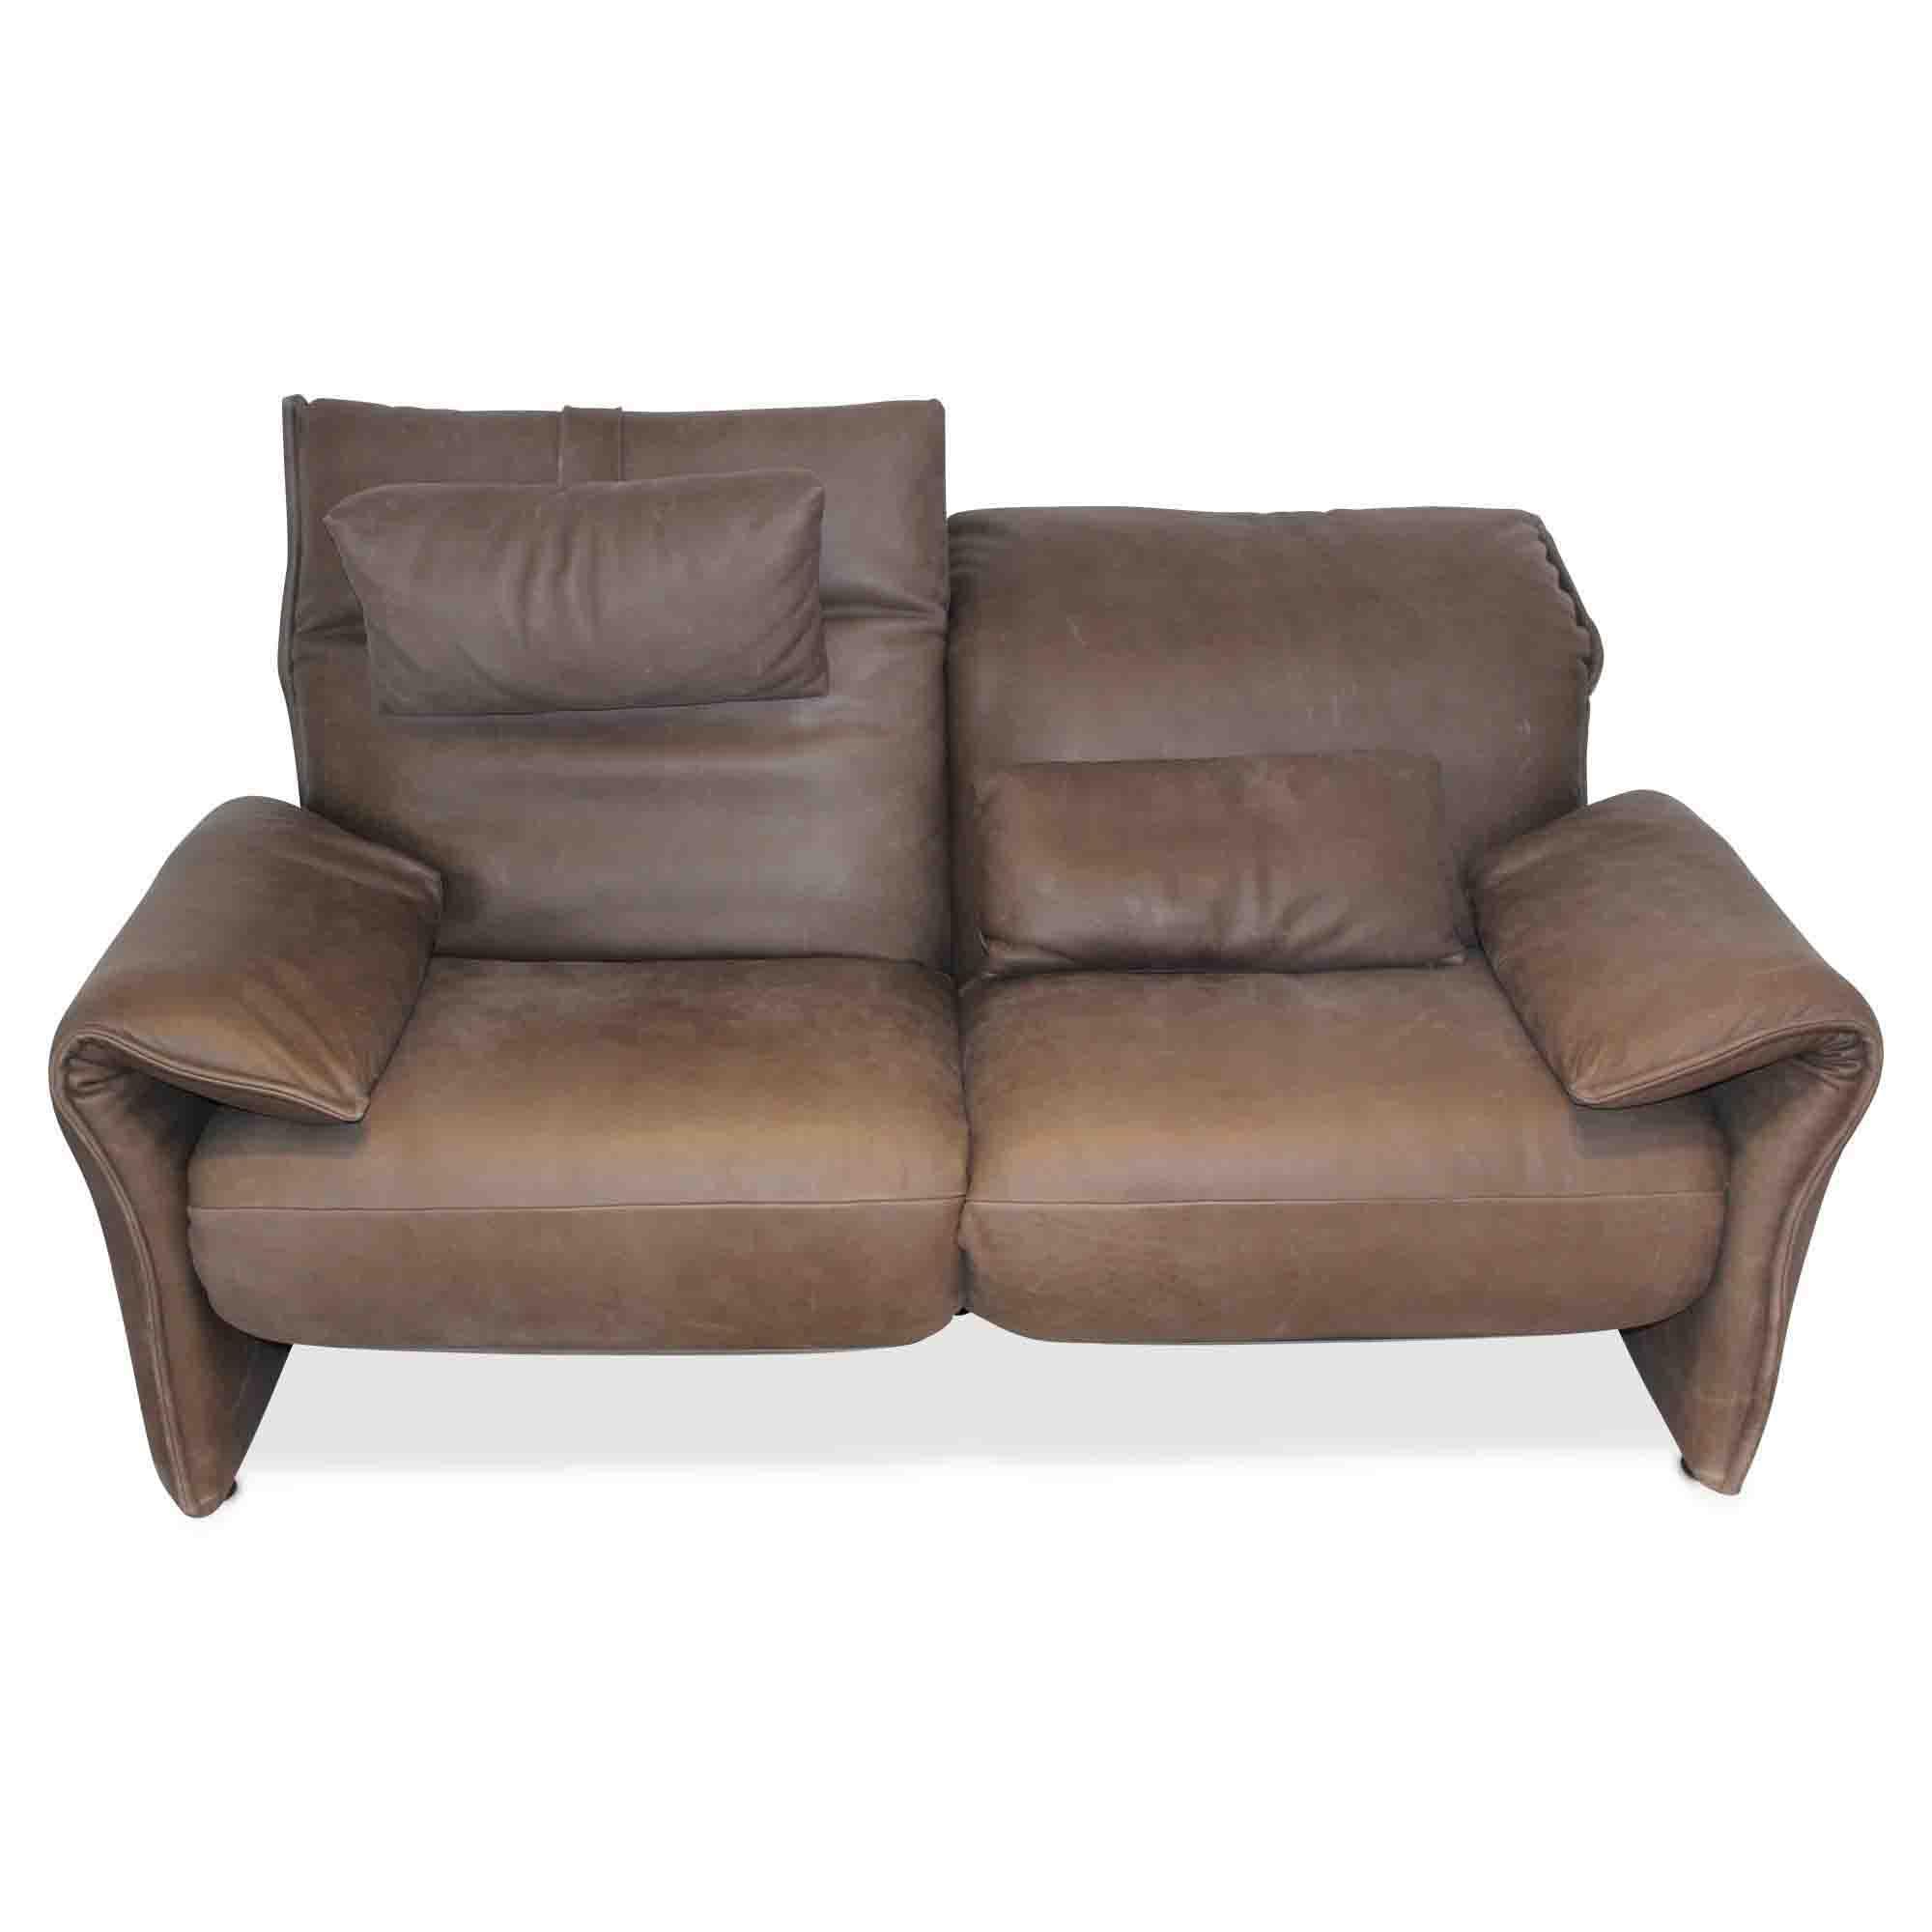 sofa wk 582 eli wk wohnen sofa g nstig kaufen m belfirst. Black Bedroom Furniture Sets. Home Design Ideas